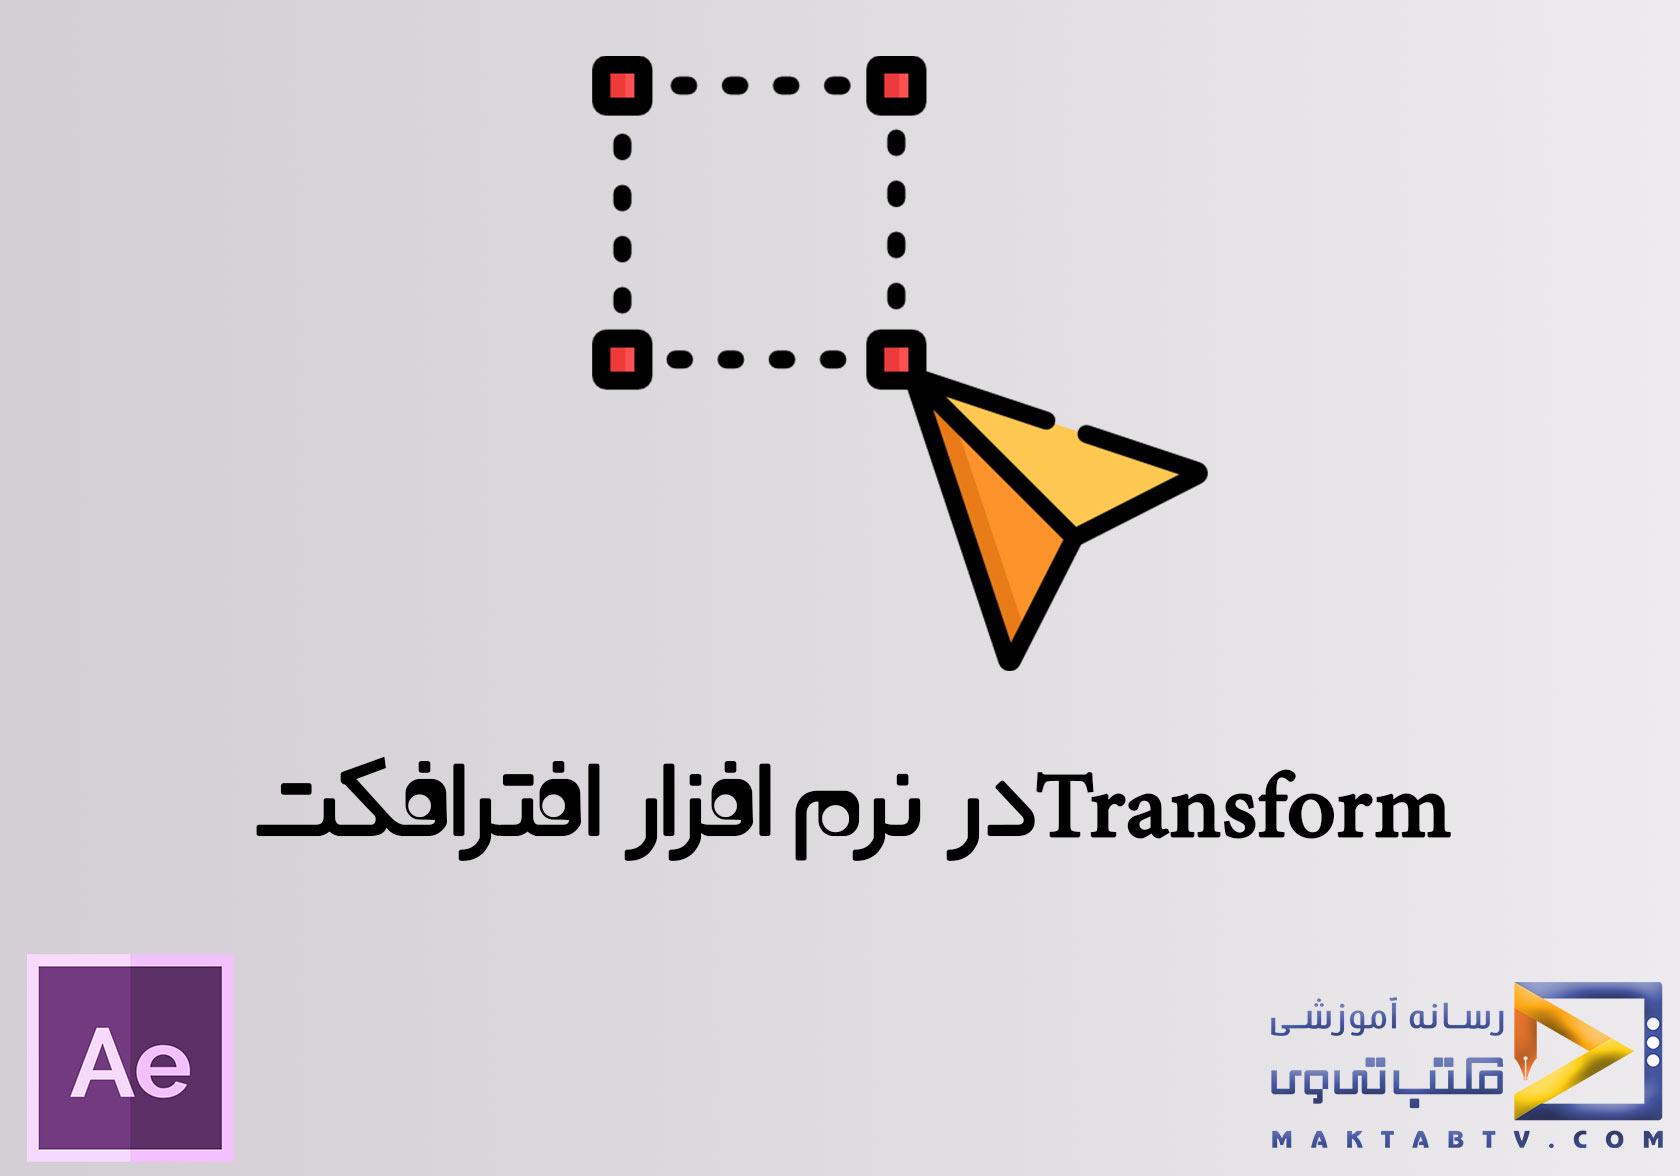 تصویر شاخص برای مقاله ی تنظیمات transform در افترافکت